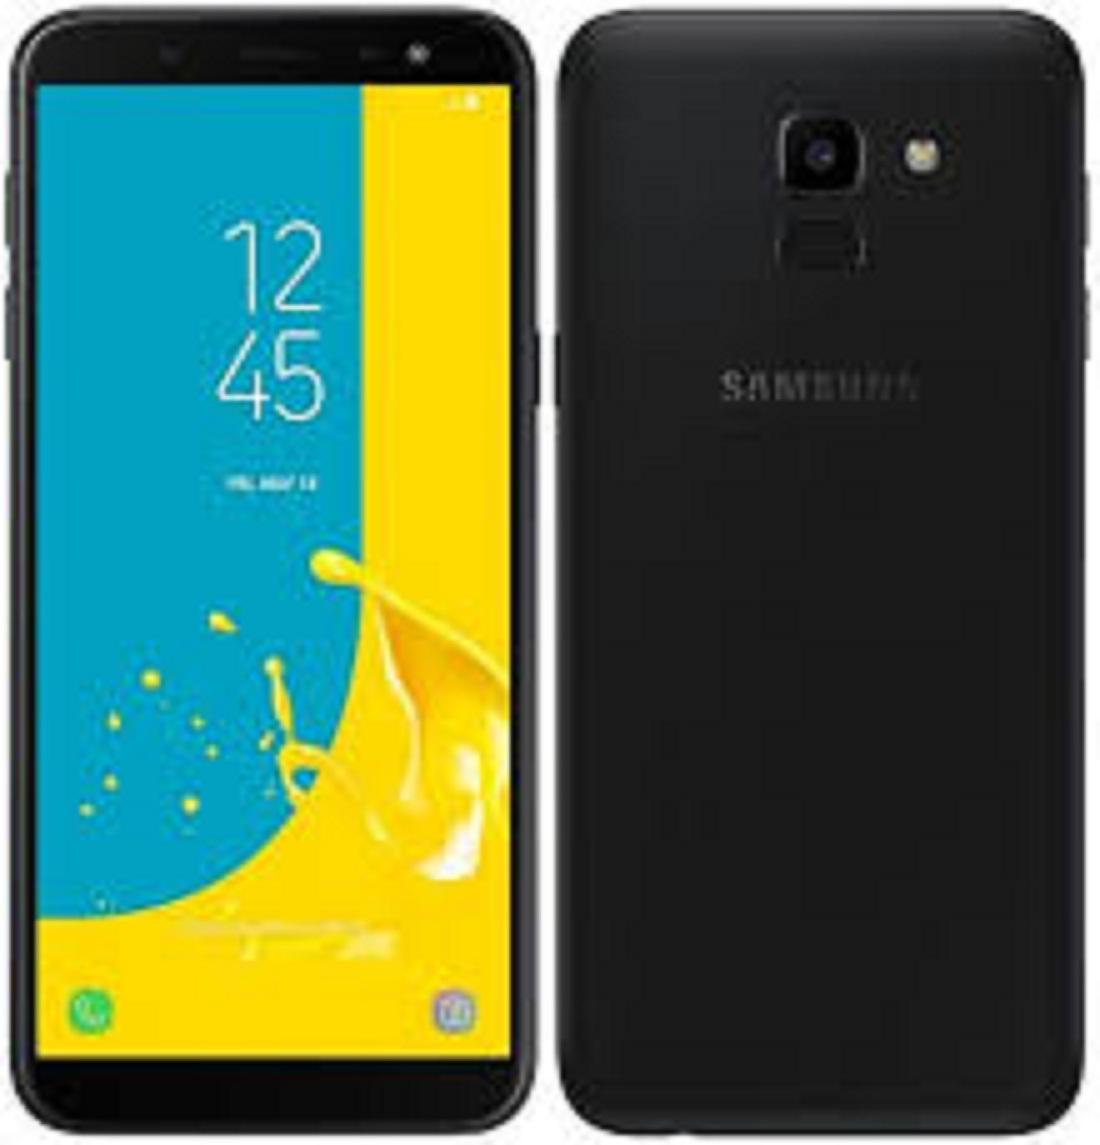 Điện thoại samsung galaxy j6 2018 cũ - Sắp xếp theo liên quan sản phẩm